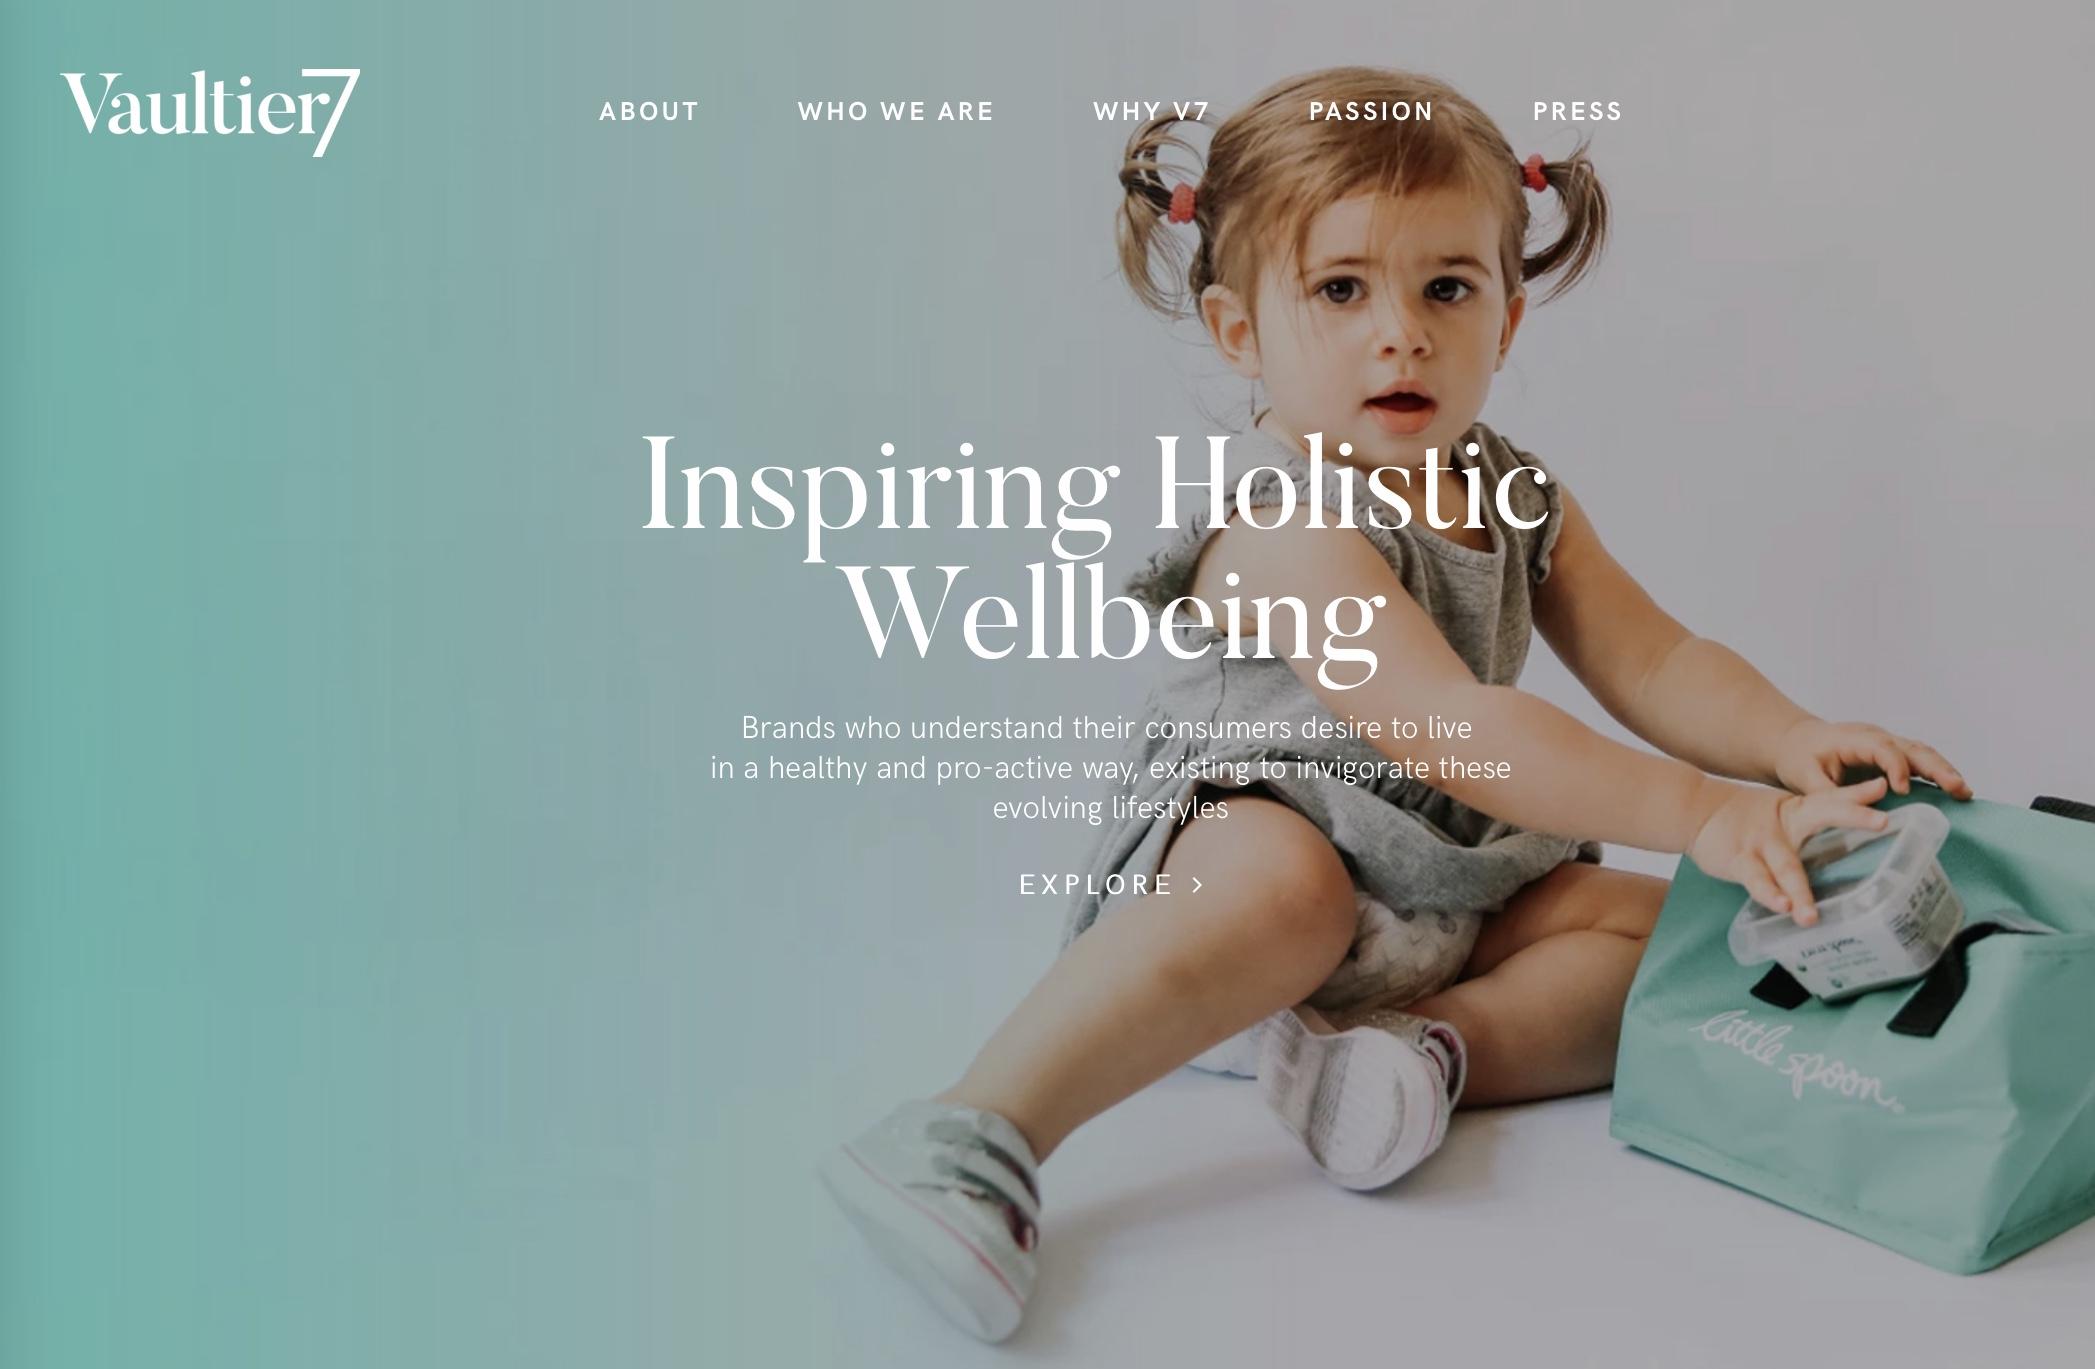 首个公开原料毒理学分析的法国母婴护理创业品牌 Joone 完成1000万欧元B轮融资